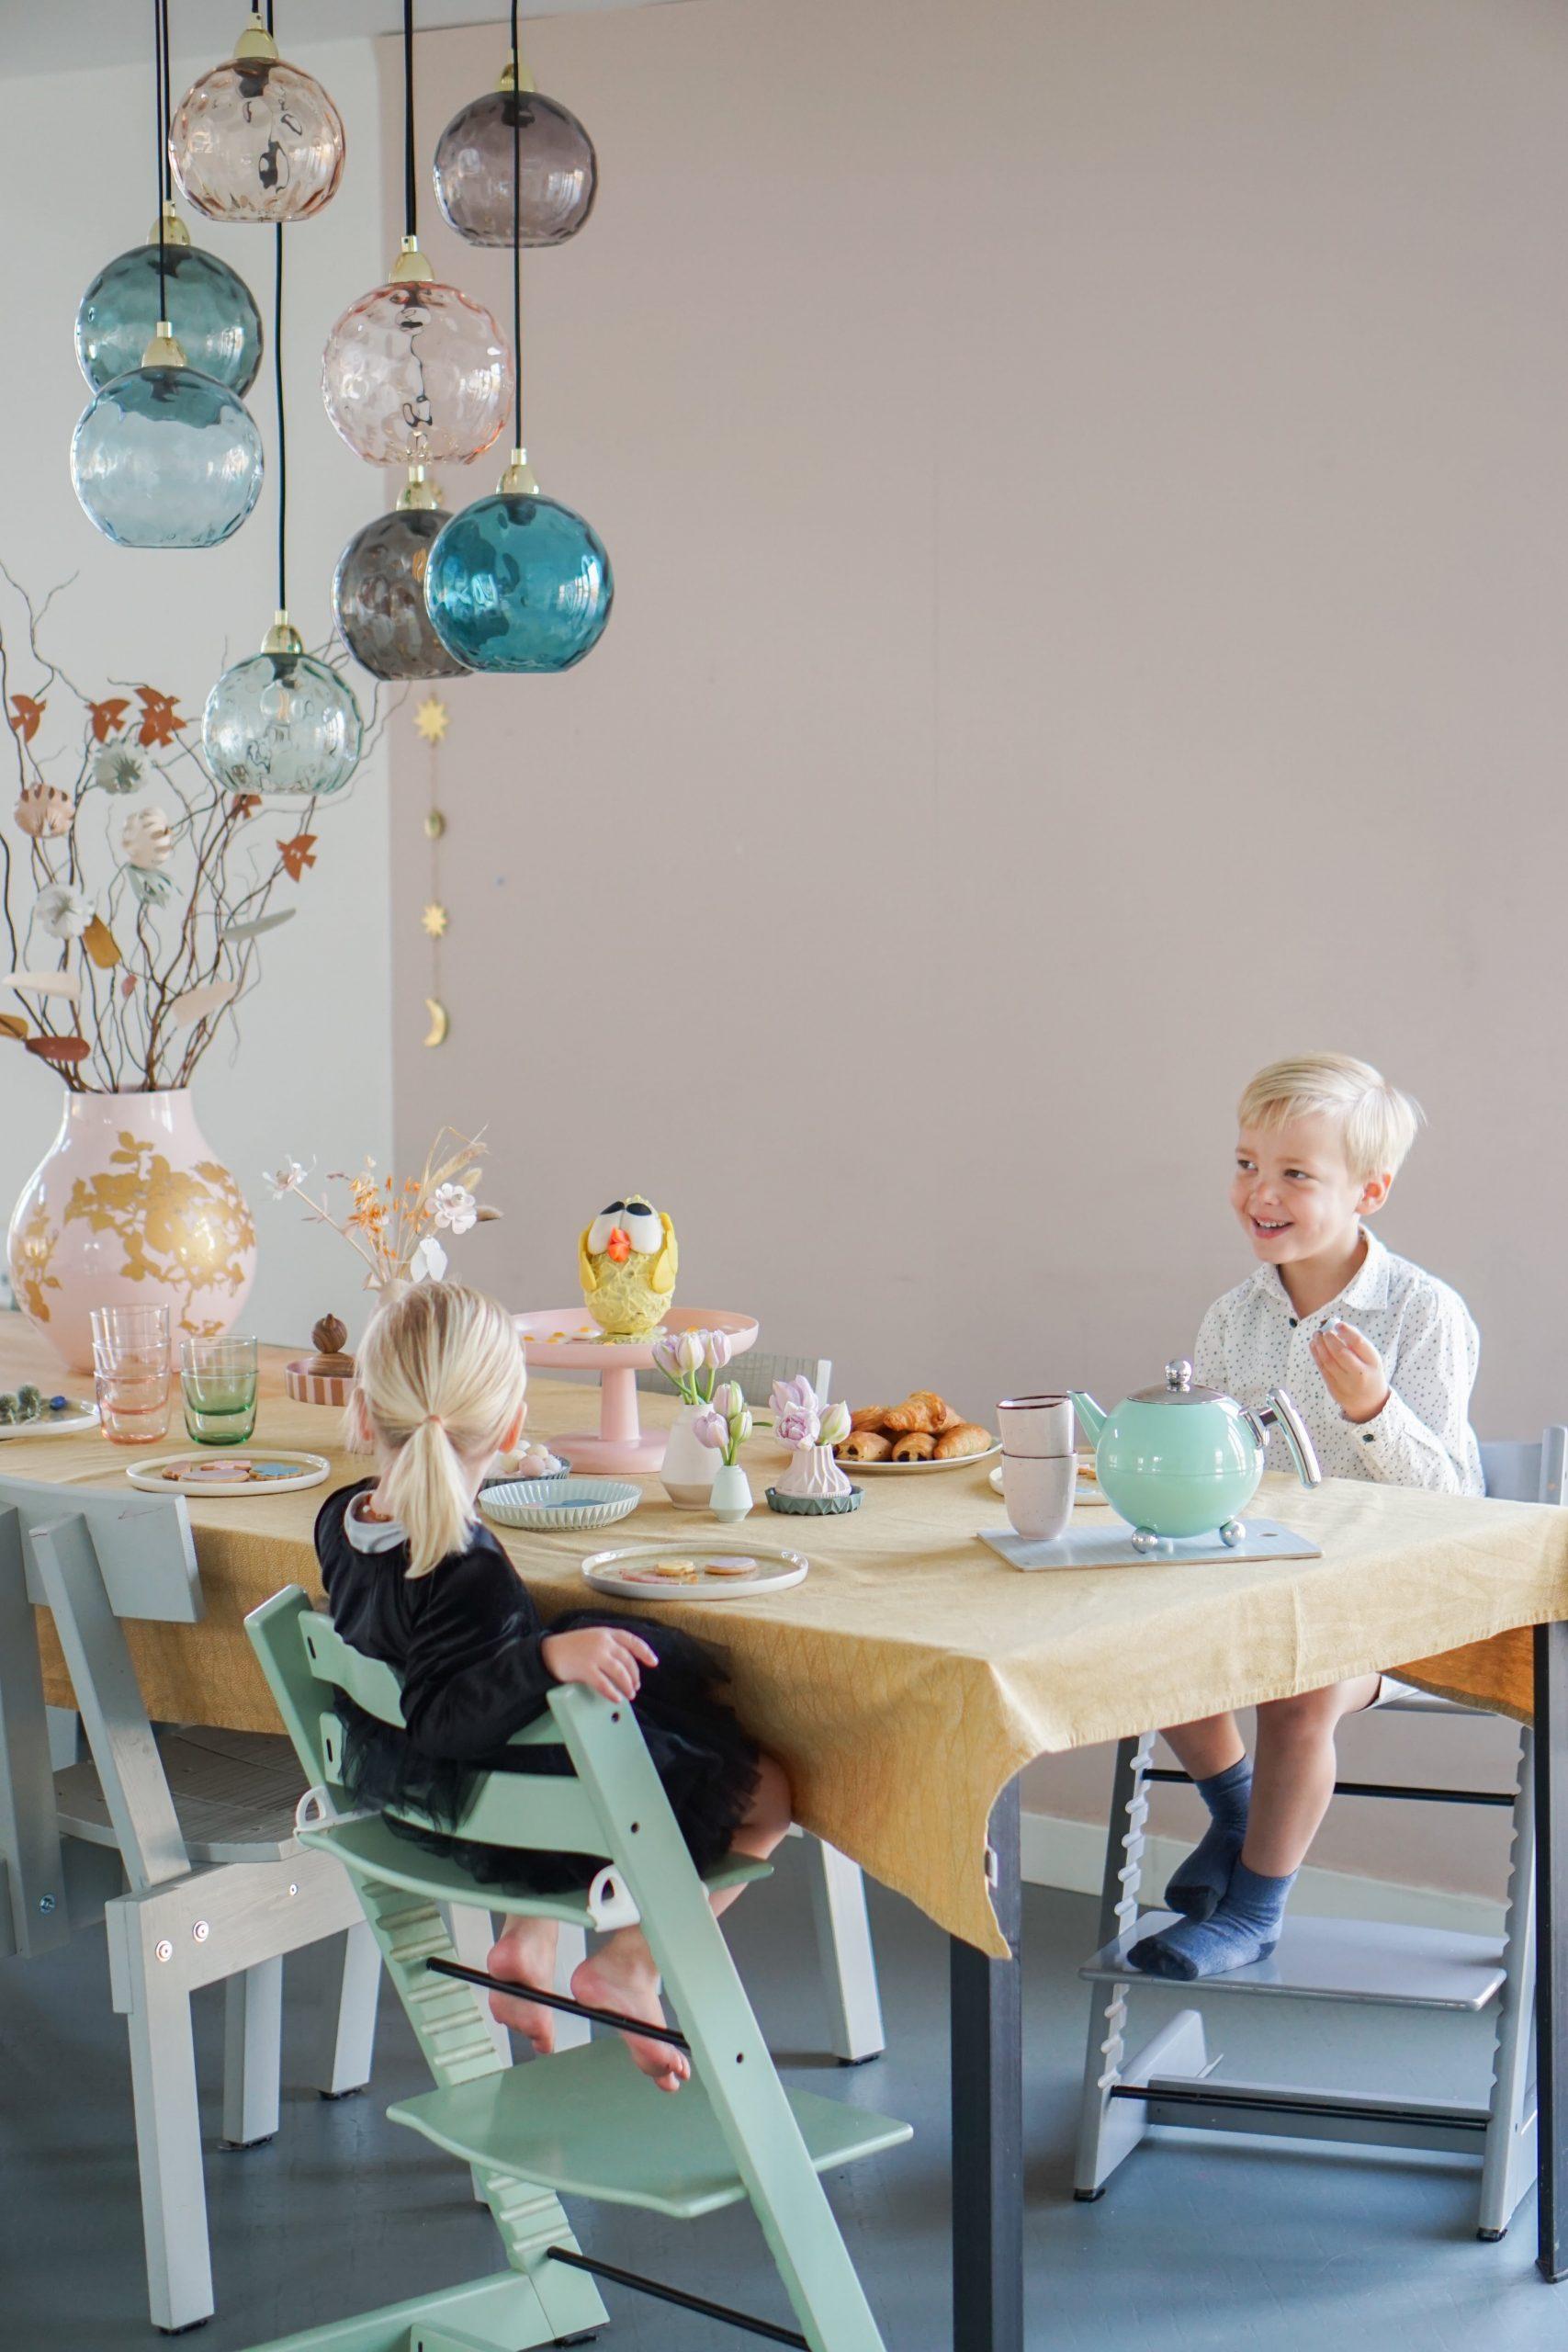 Zo maak je een feestelijke kidsproof tafel voor de Paasbrunch!